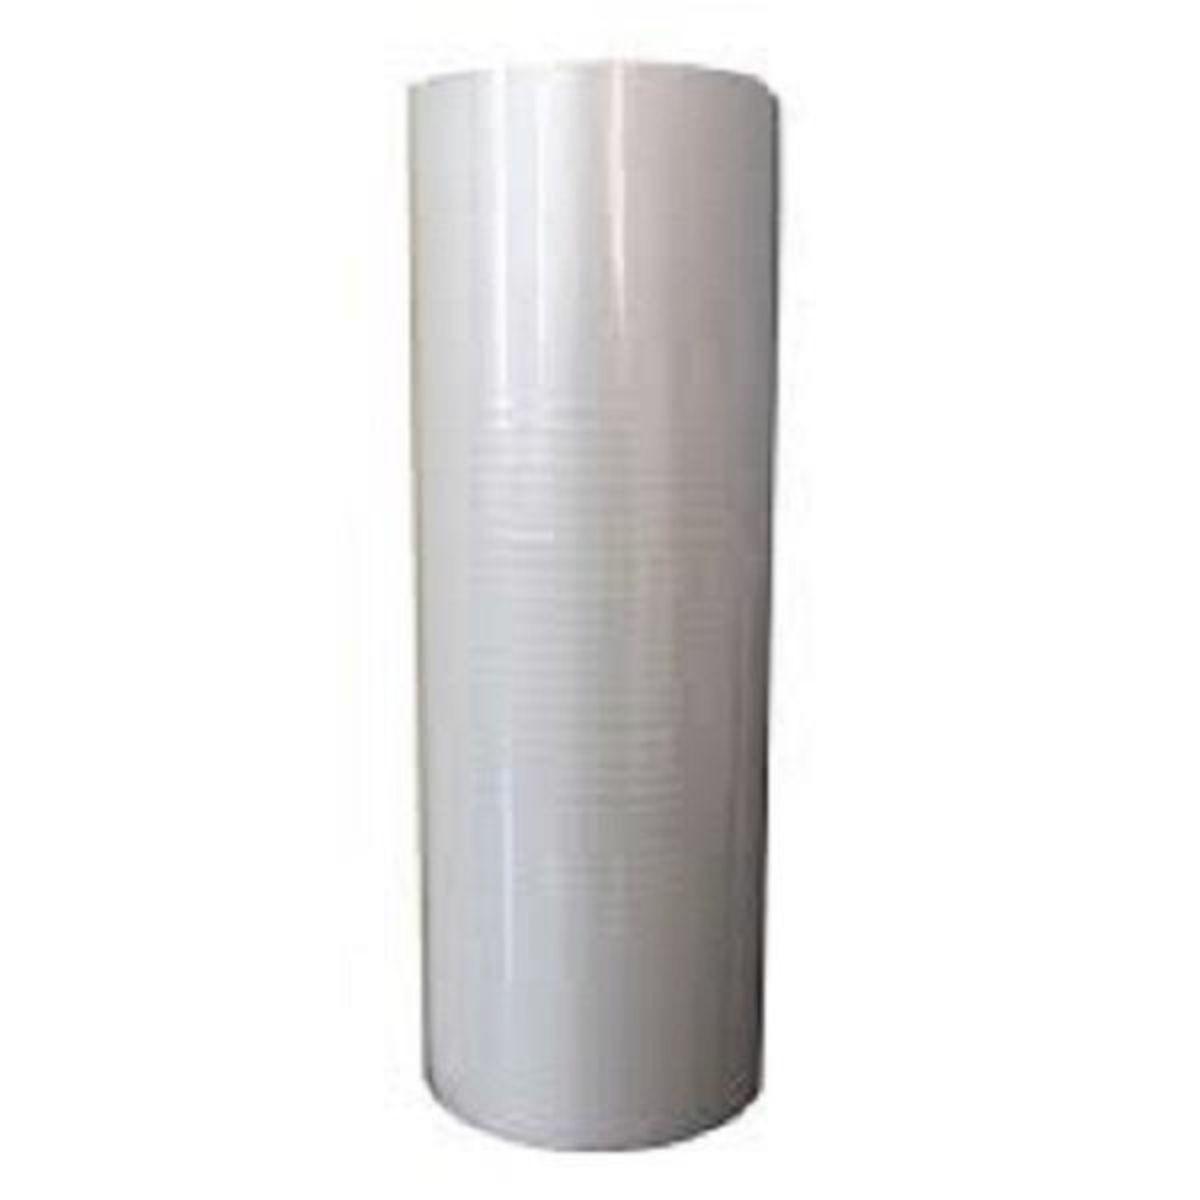 Bobina de BOPP para Laminação Brilho 24cm x 350M (24 micras)  - Click Suprimentos